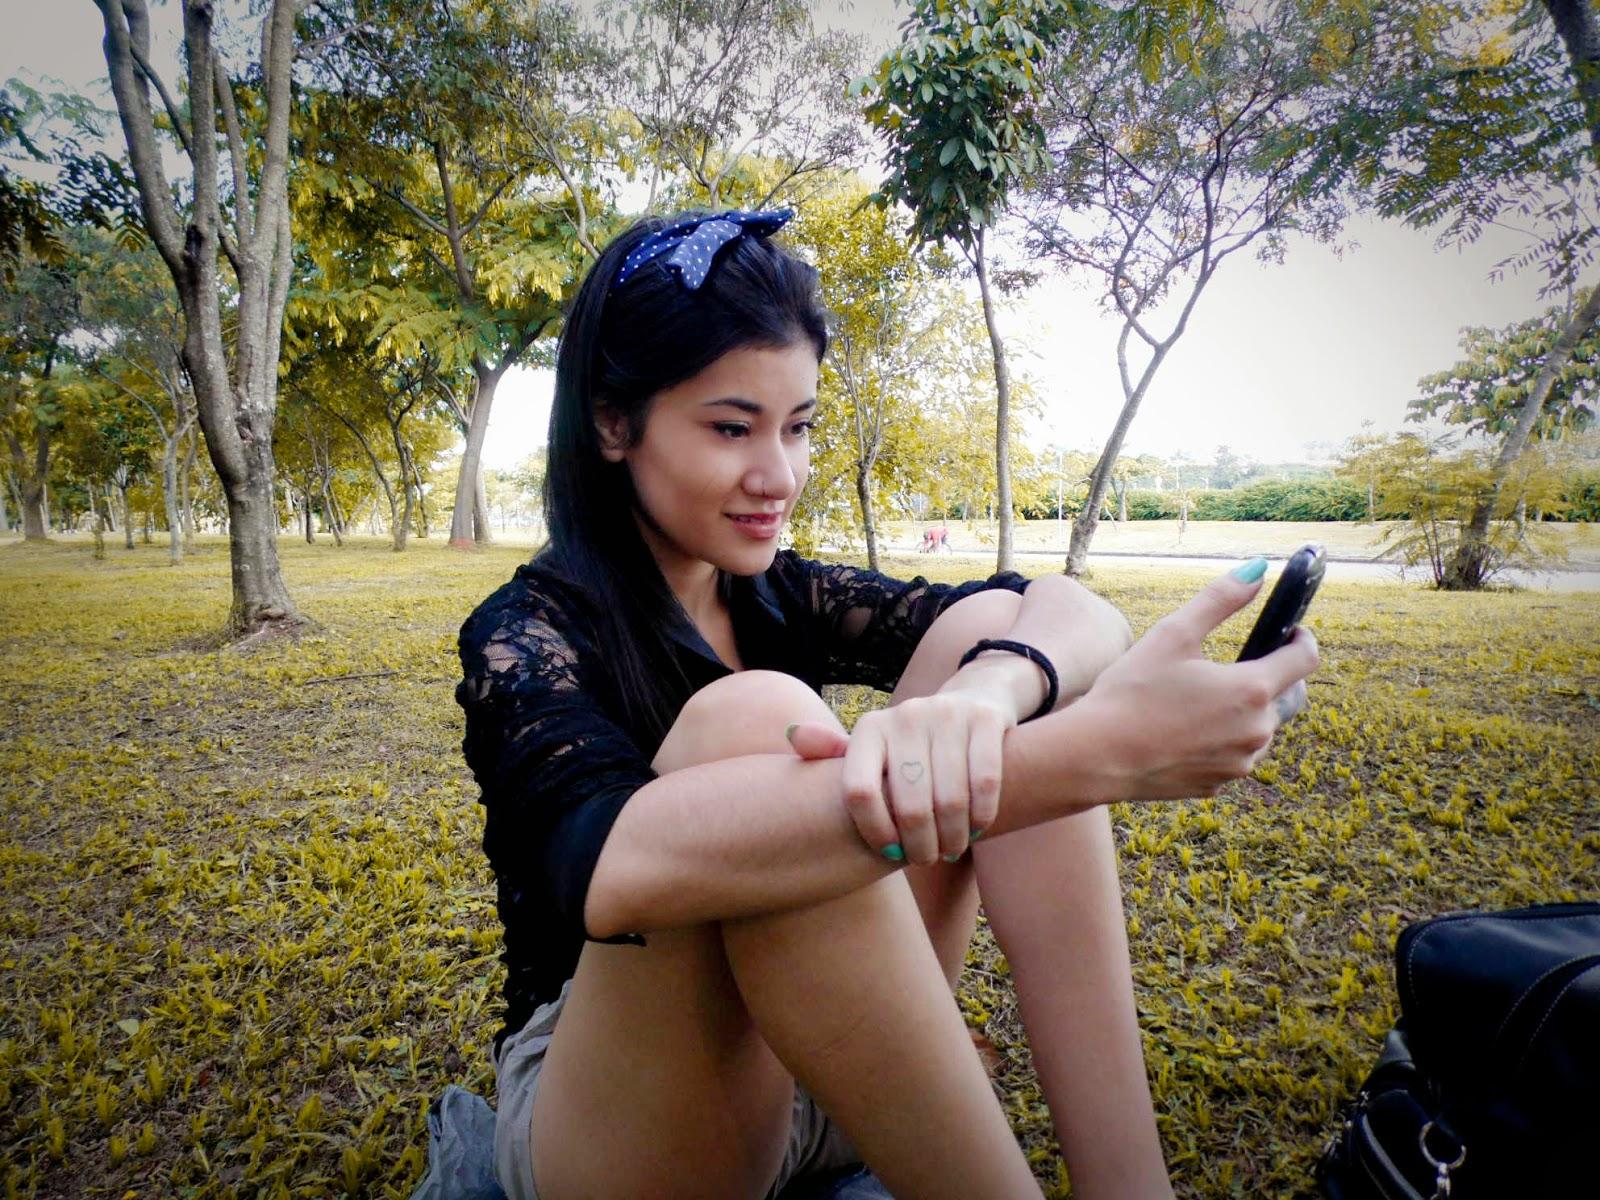 como tirar foto com celular